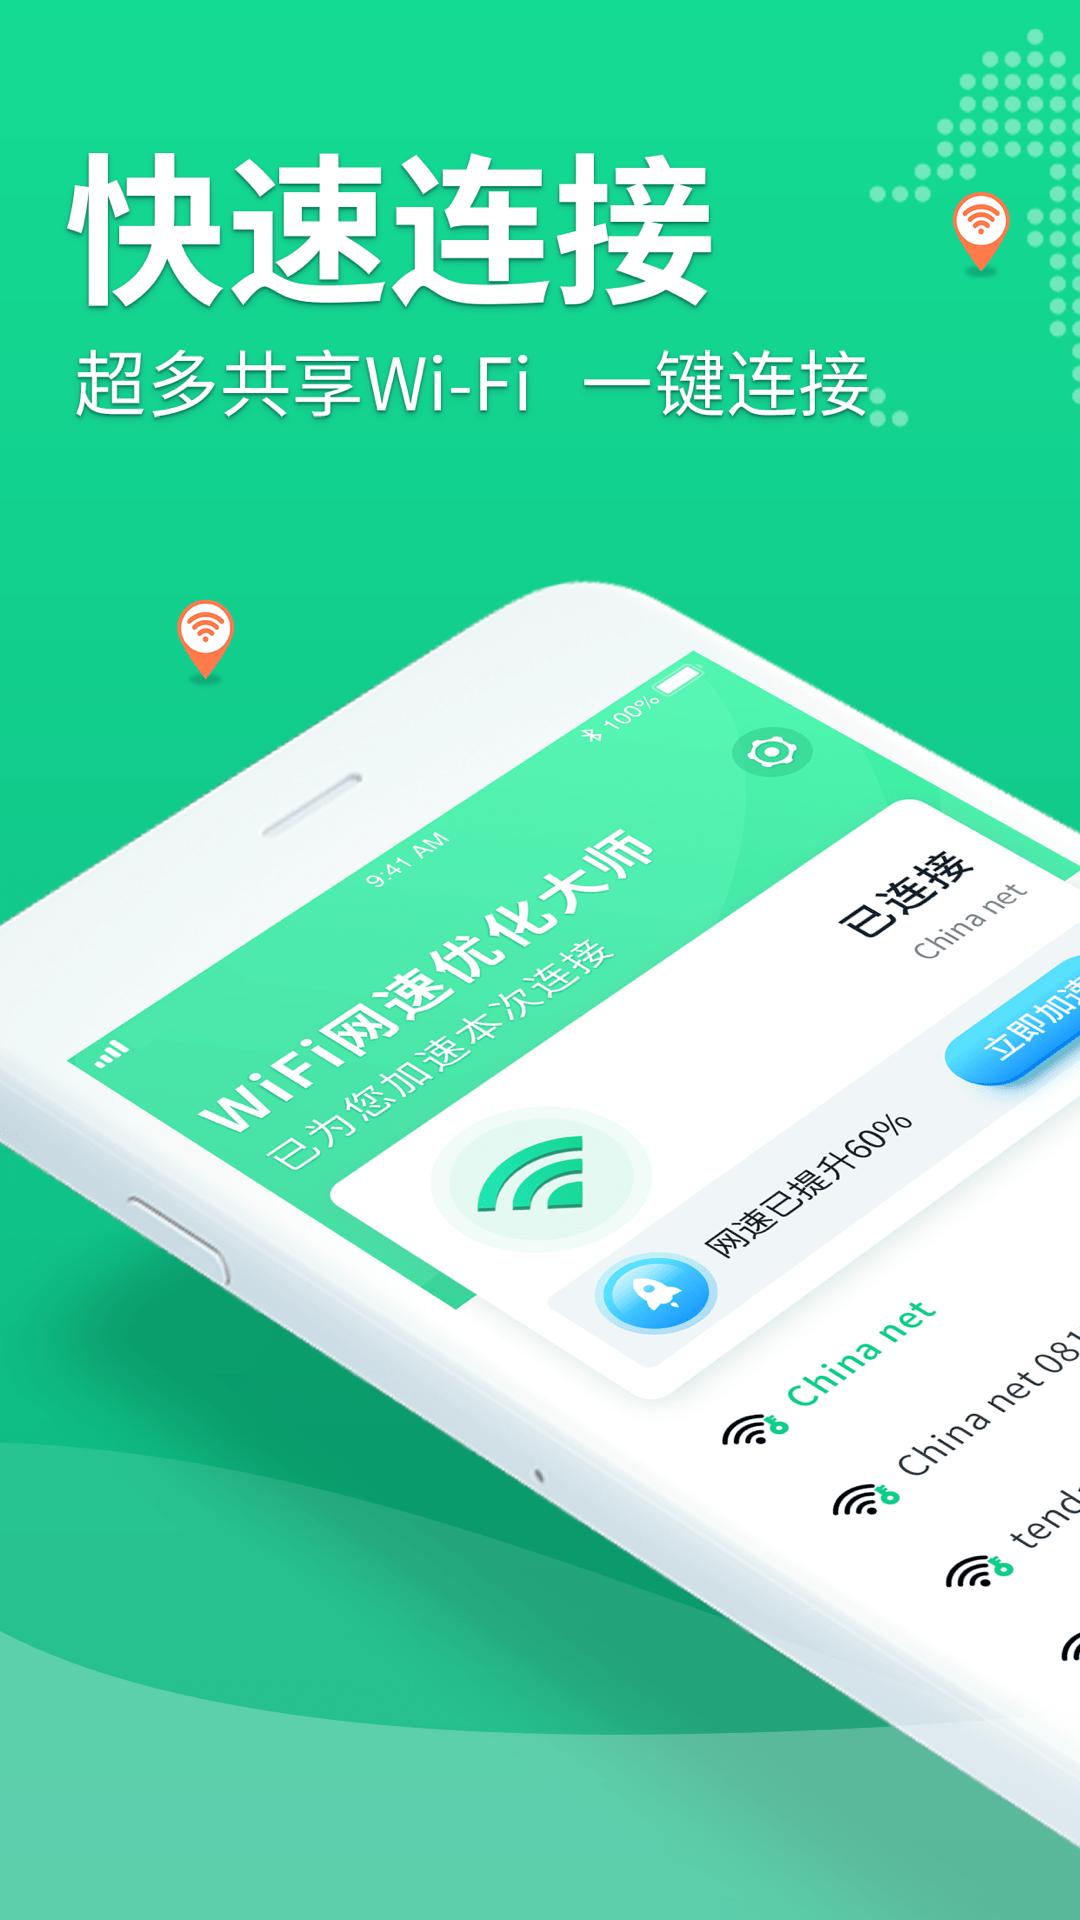 WiFi连一连APP